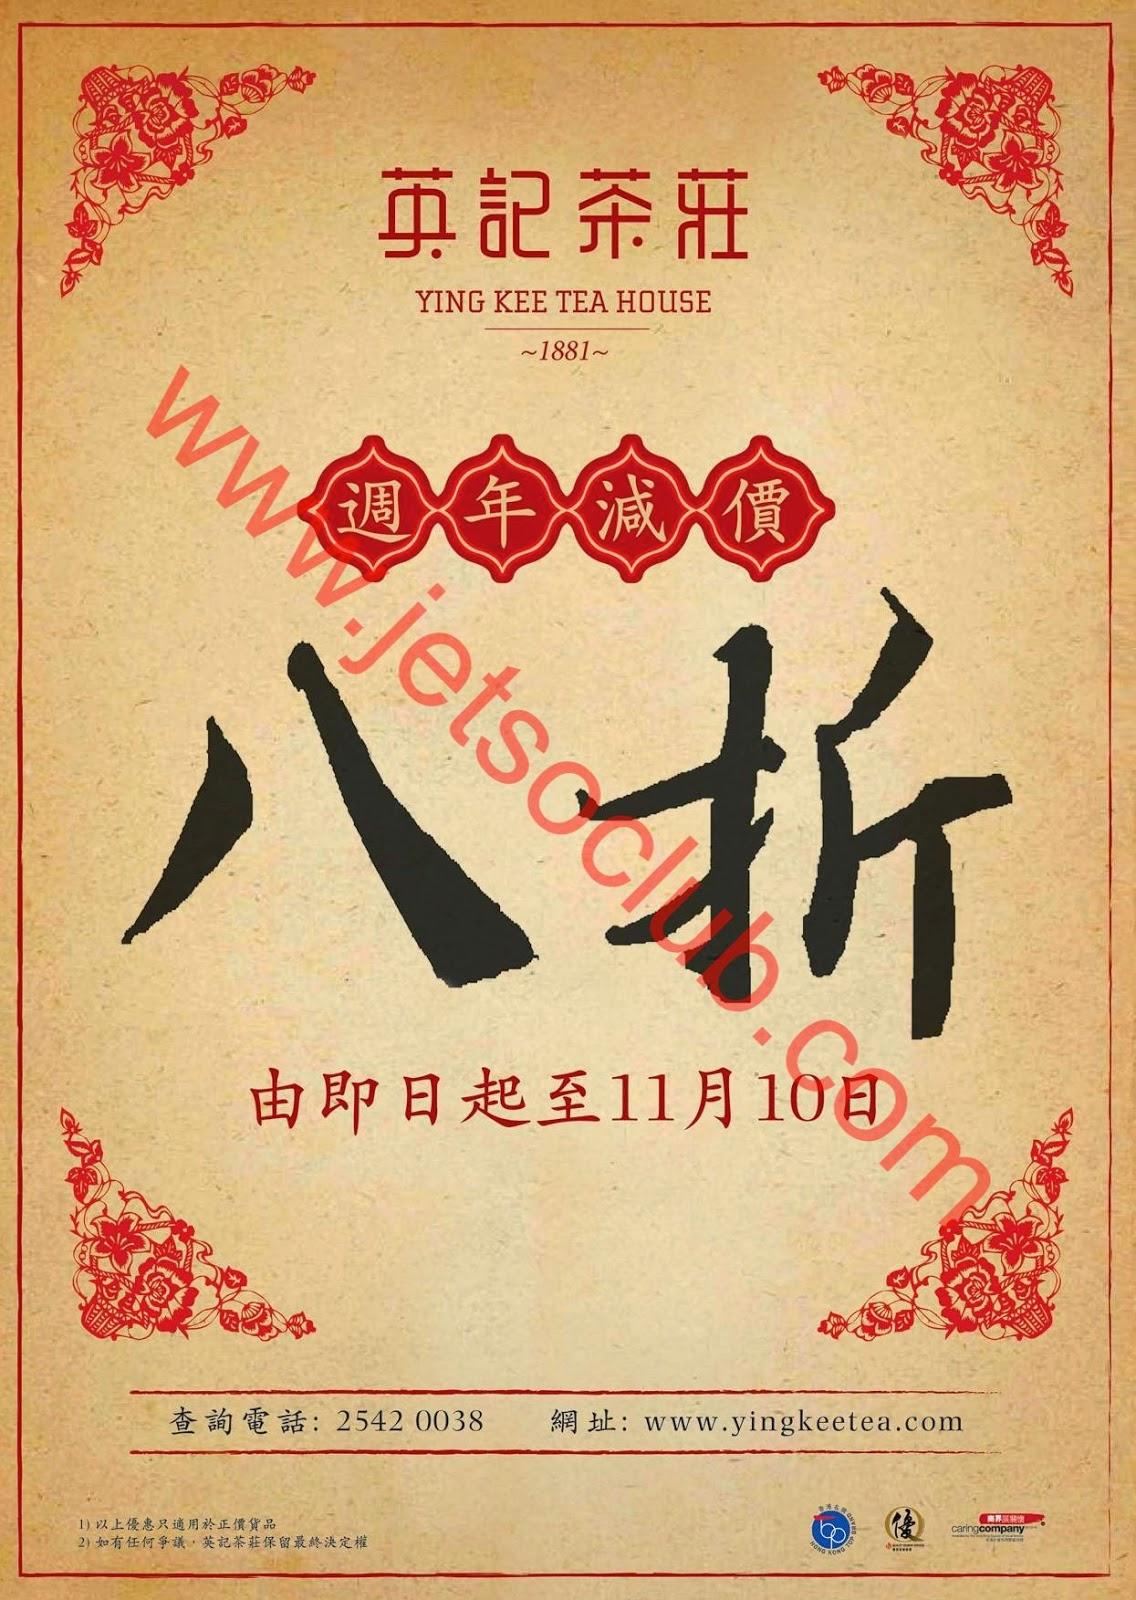 英記茶莊:週年減價 八折優惠(至10/11)/ 祺棧茶行:中國茶葉 八折酬賓 ( Jetso Club 著數俱樂部 )